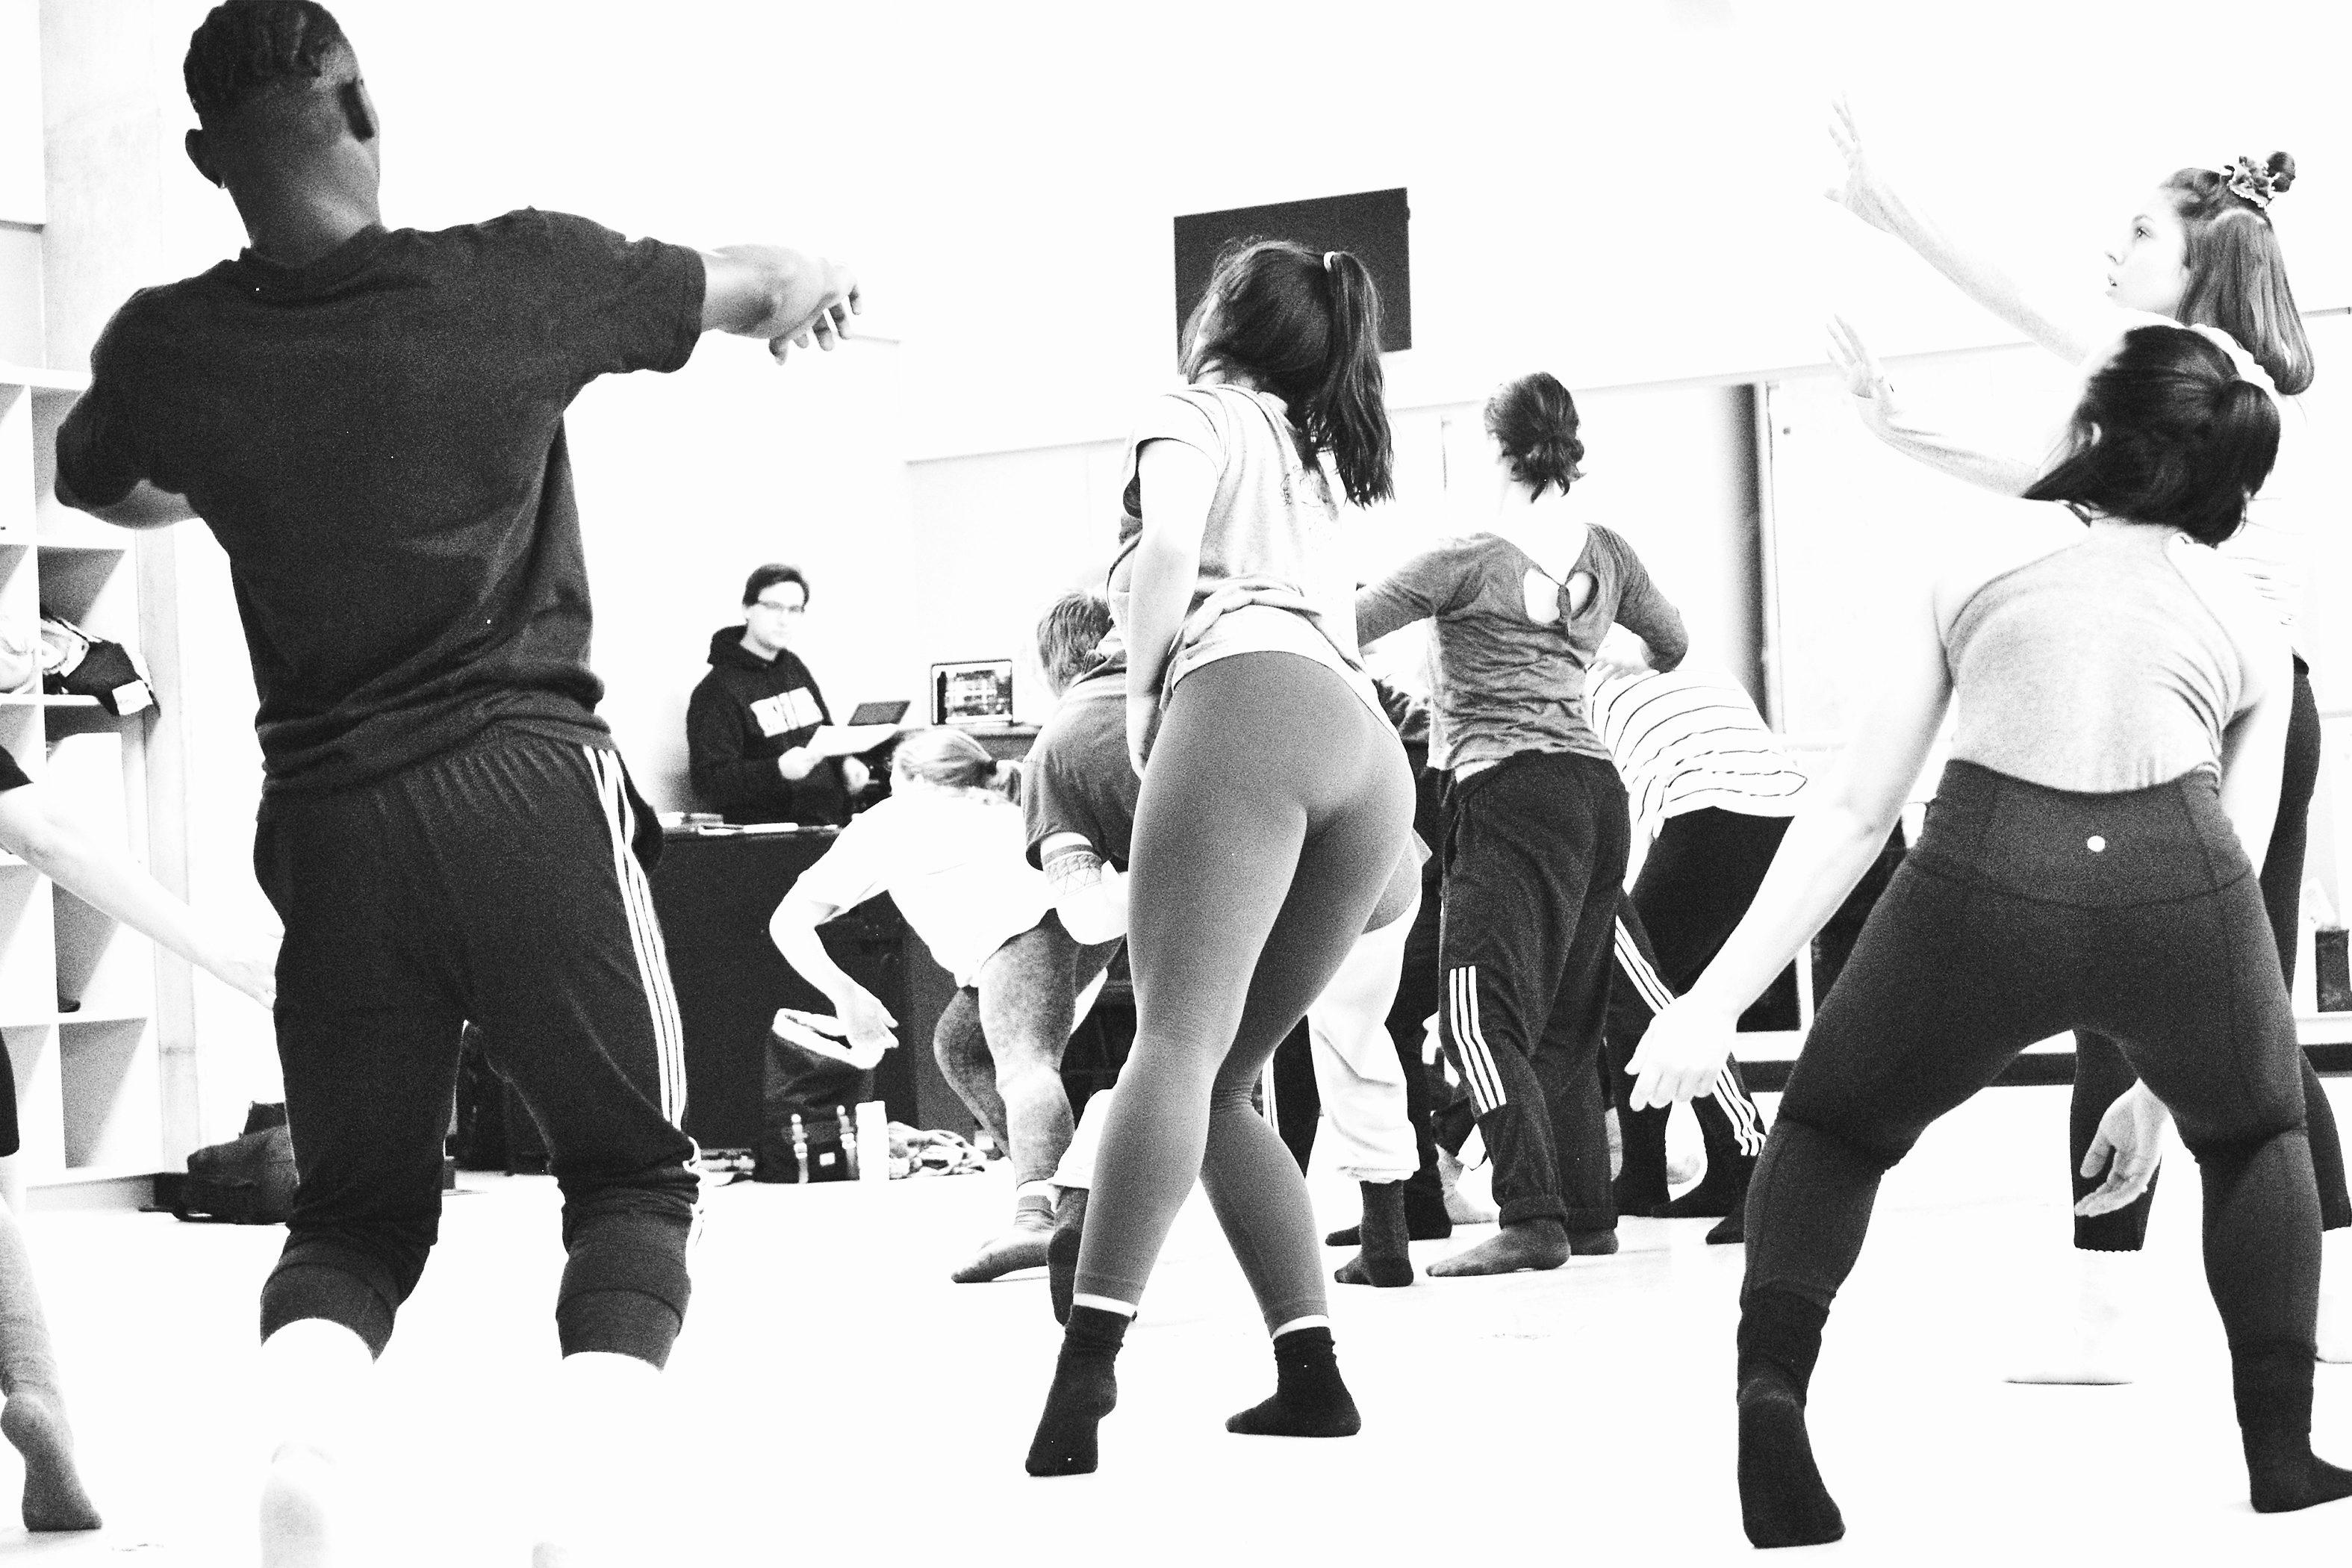 al_ryersondancerehearsals_megs_body6